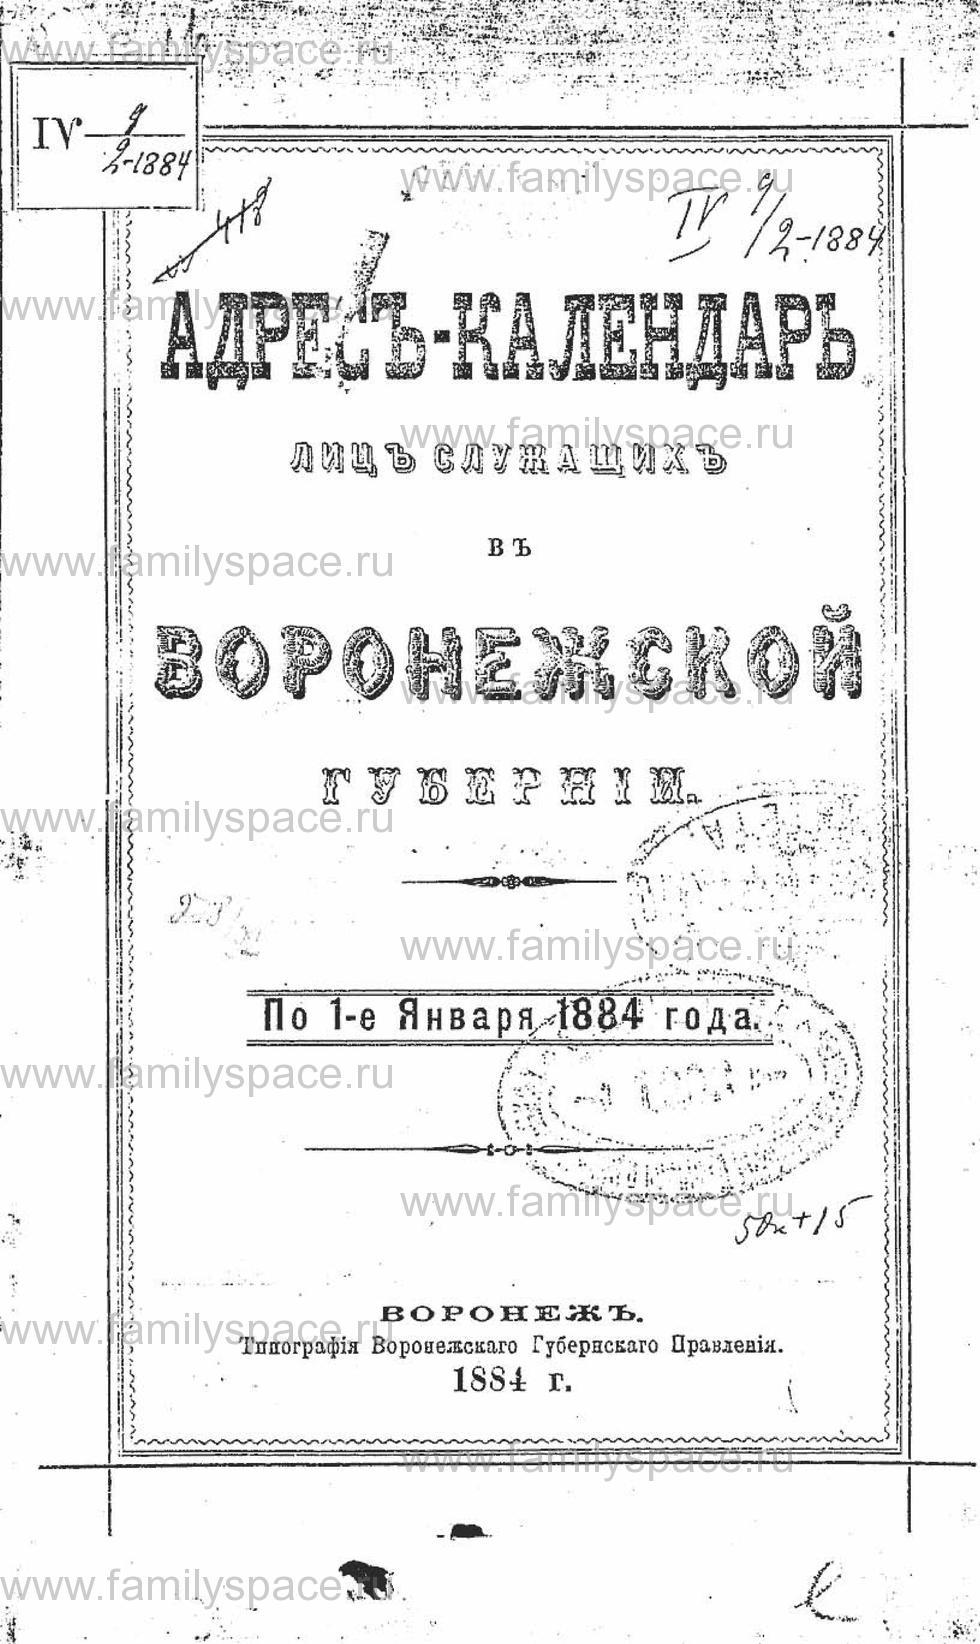 Поиск по фамилии - Адрес-календарь лиц, служащих в Воронежской губернии на 1884 год, страница -5